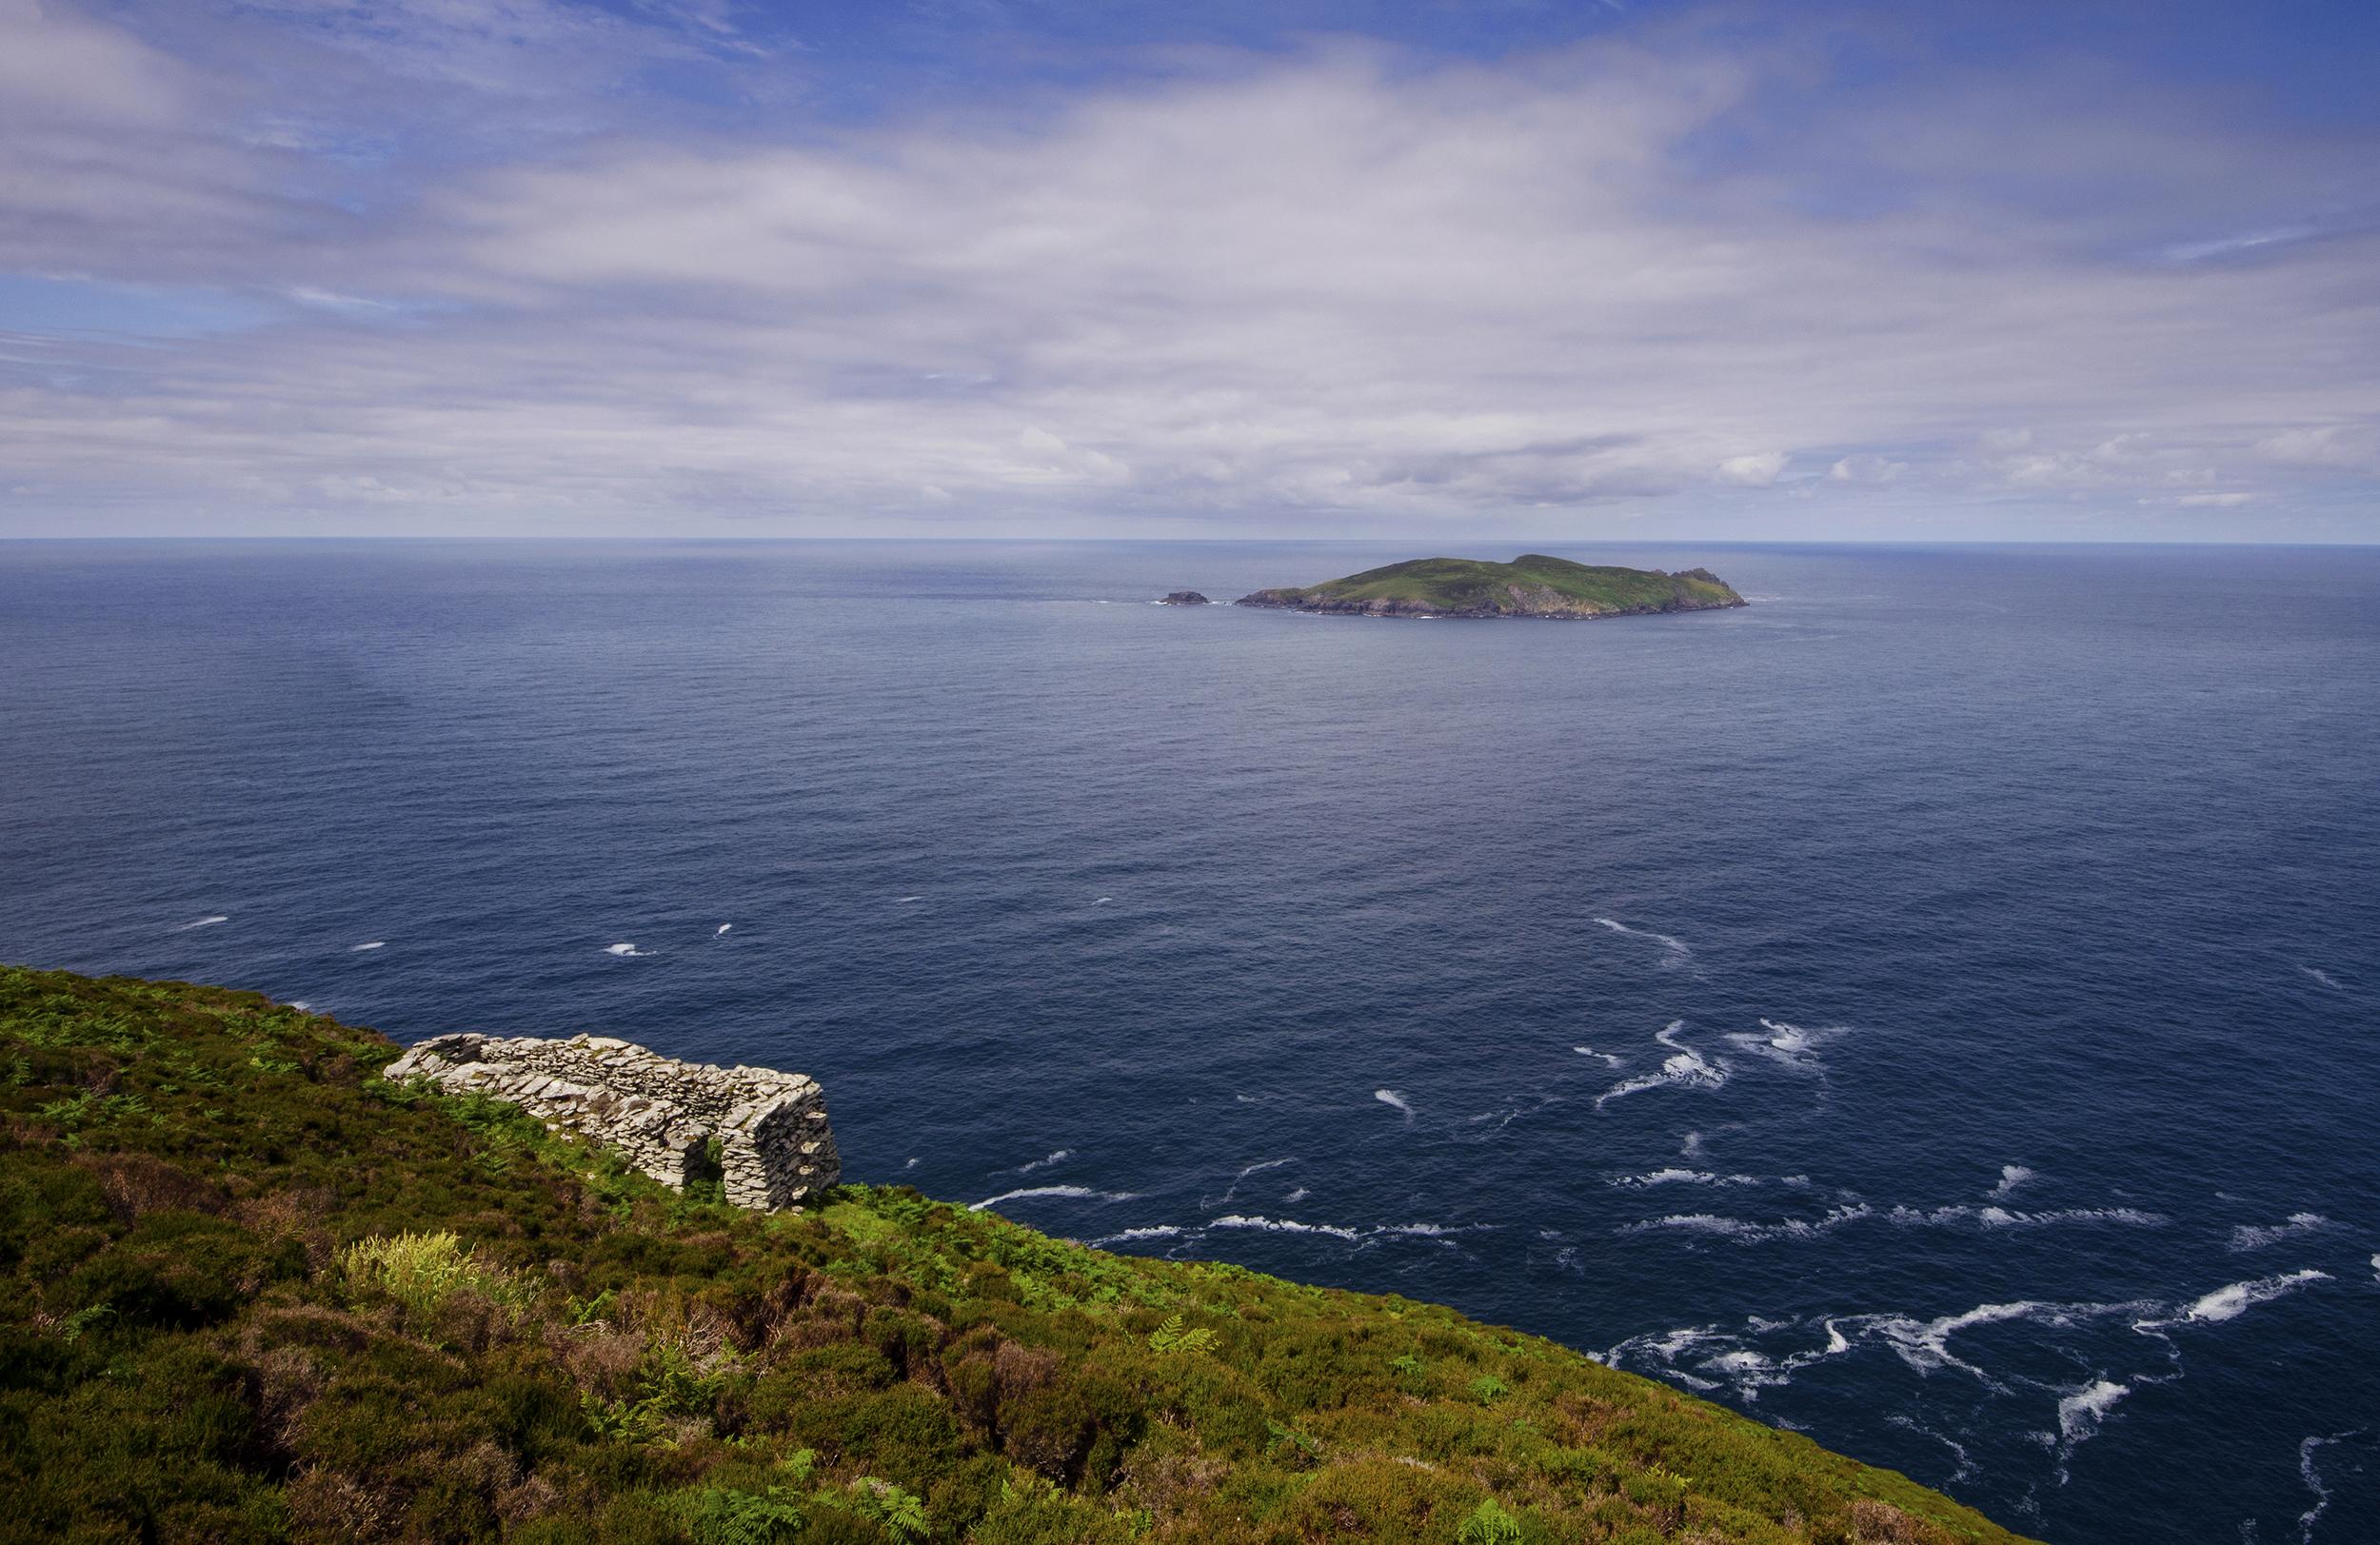 File:Inishtooskert, Blasket Islands.jpg - Wikimedia Commons